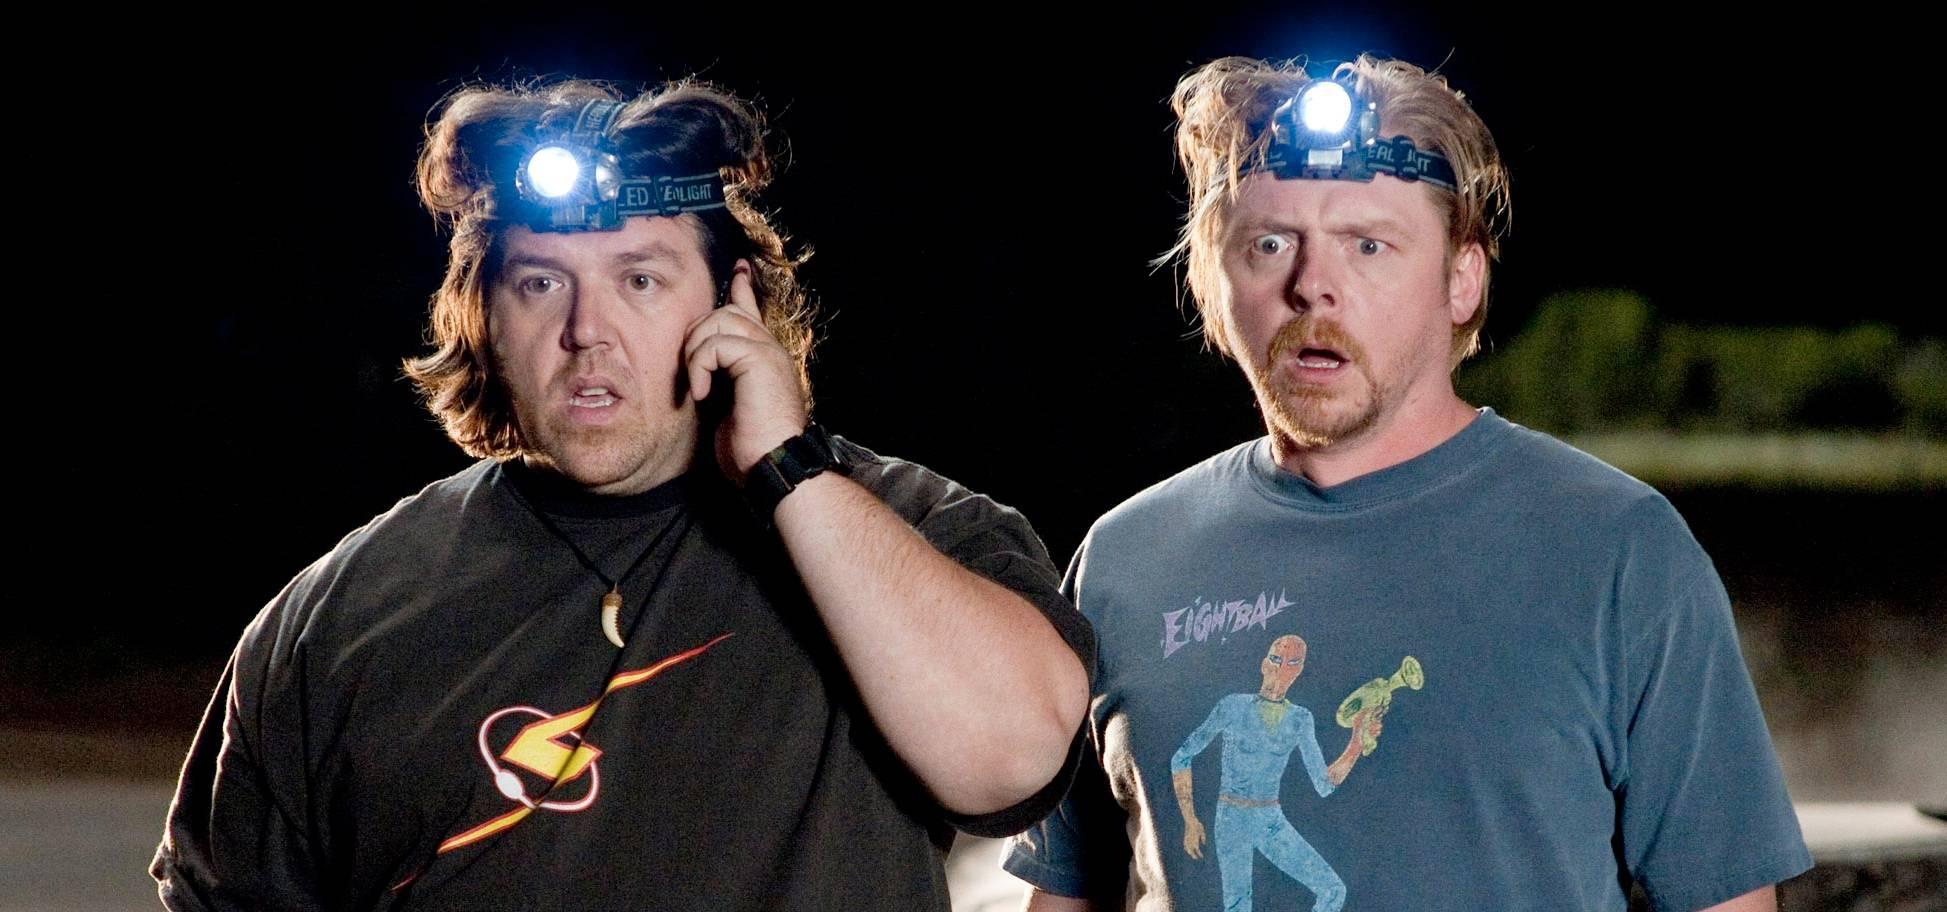 Amazon приобрёл права на комедийный сериал Саймона Пегга и Ника Фроста про охотников за паранормальным